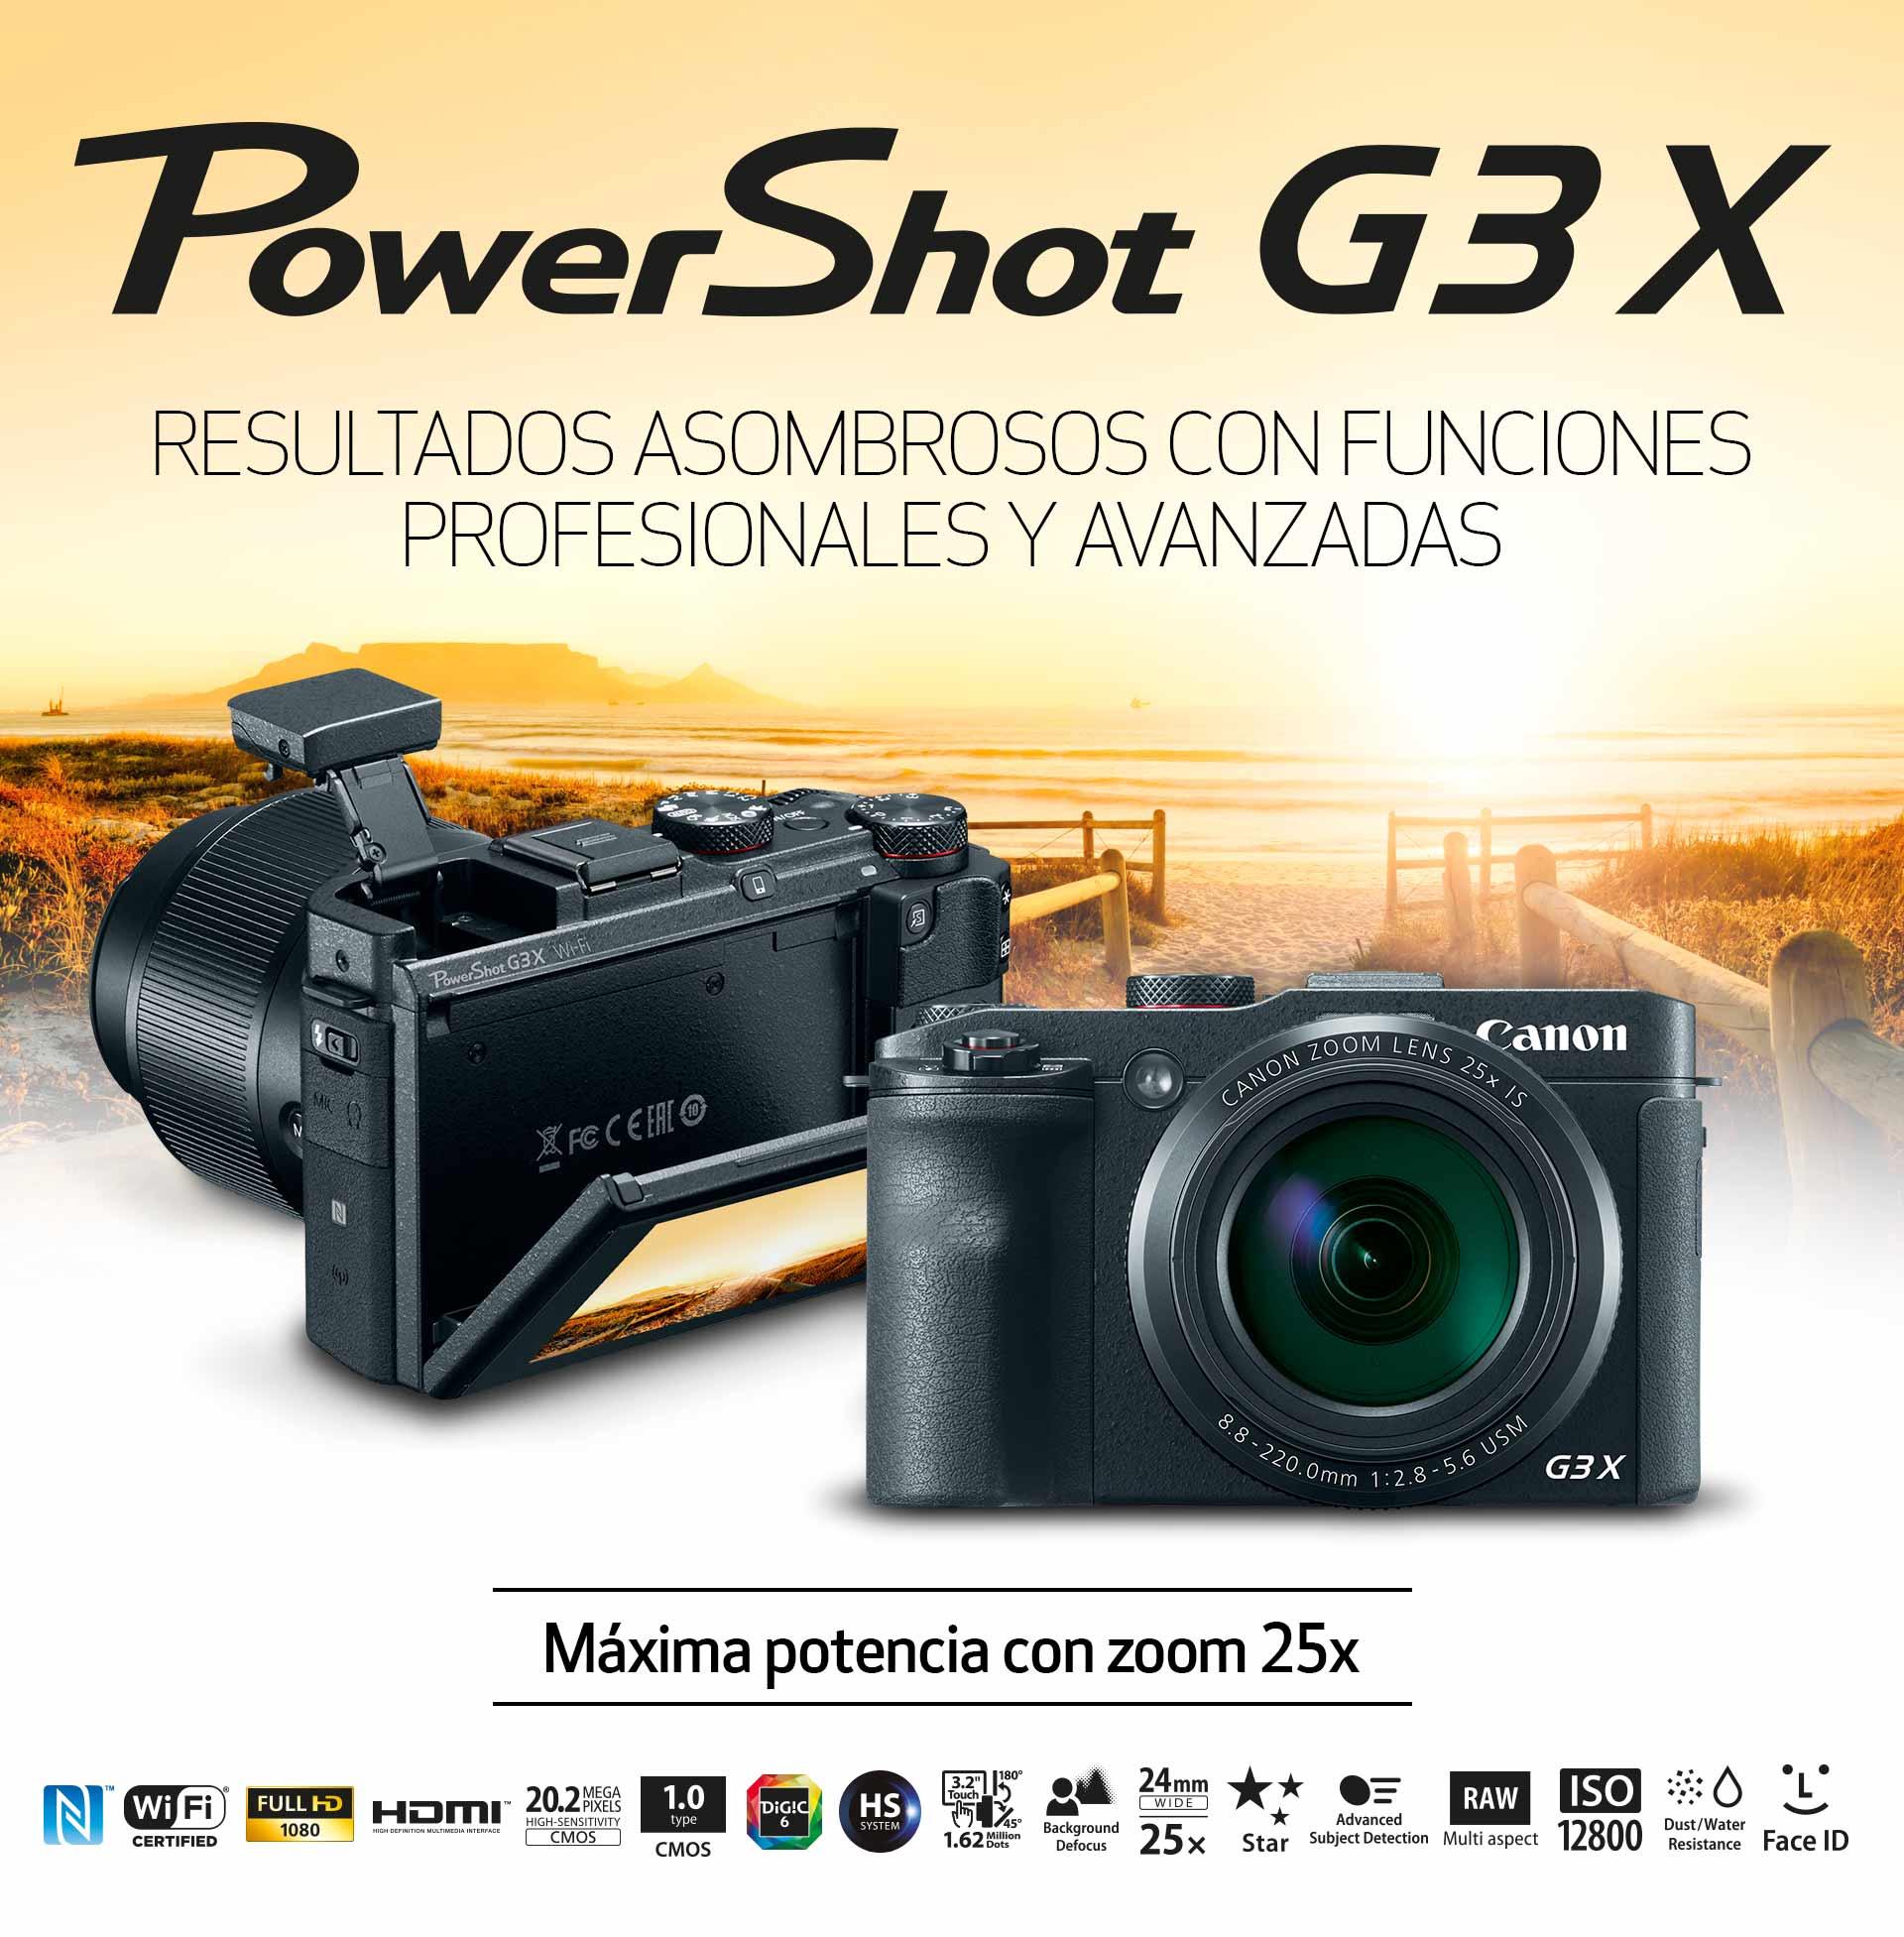 Powershot G3 X Canon Tienda Online Chile Wi Fi And Nfc G3x Resultados Asombrosos Con Funciones Profesionales Y Avanzadas